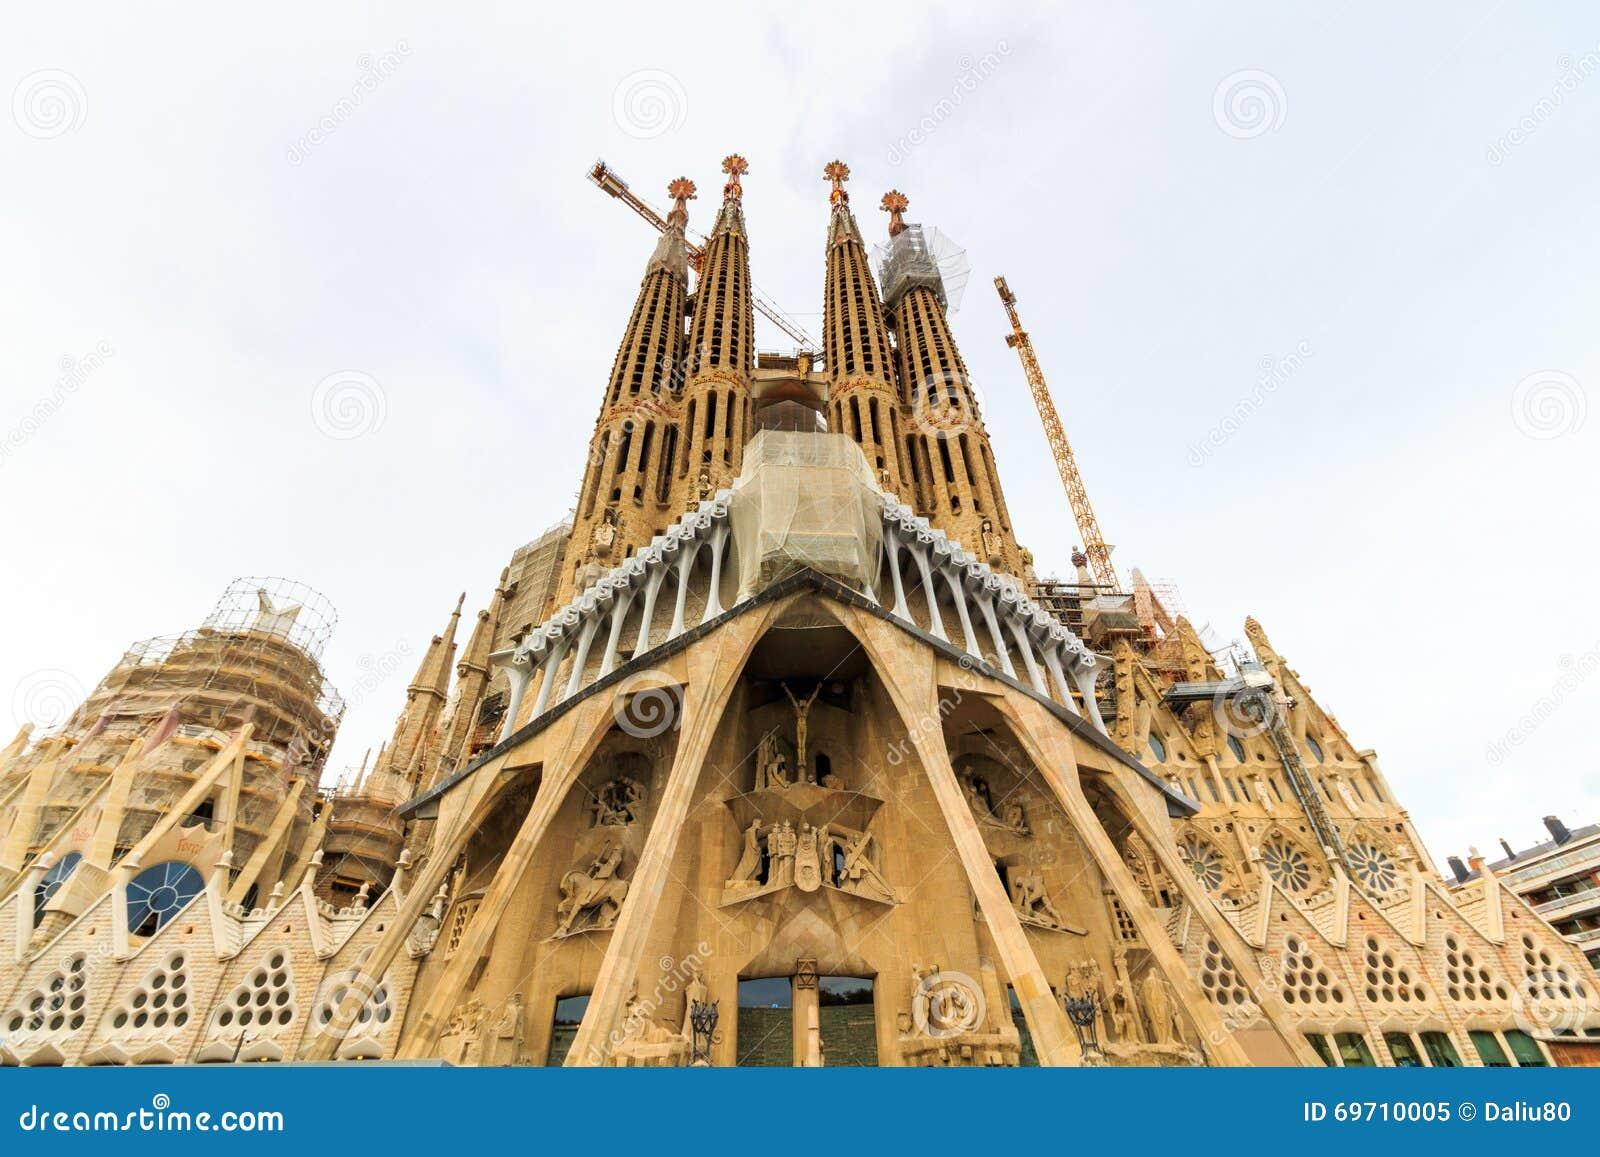 la sagrada familia la catedral diseada por el arquitecto gaudi que est siendo